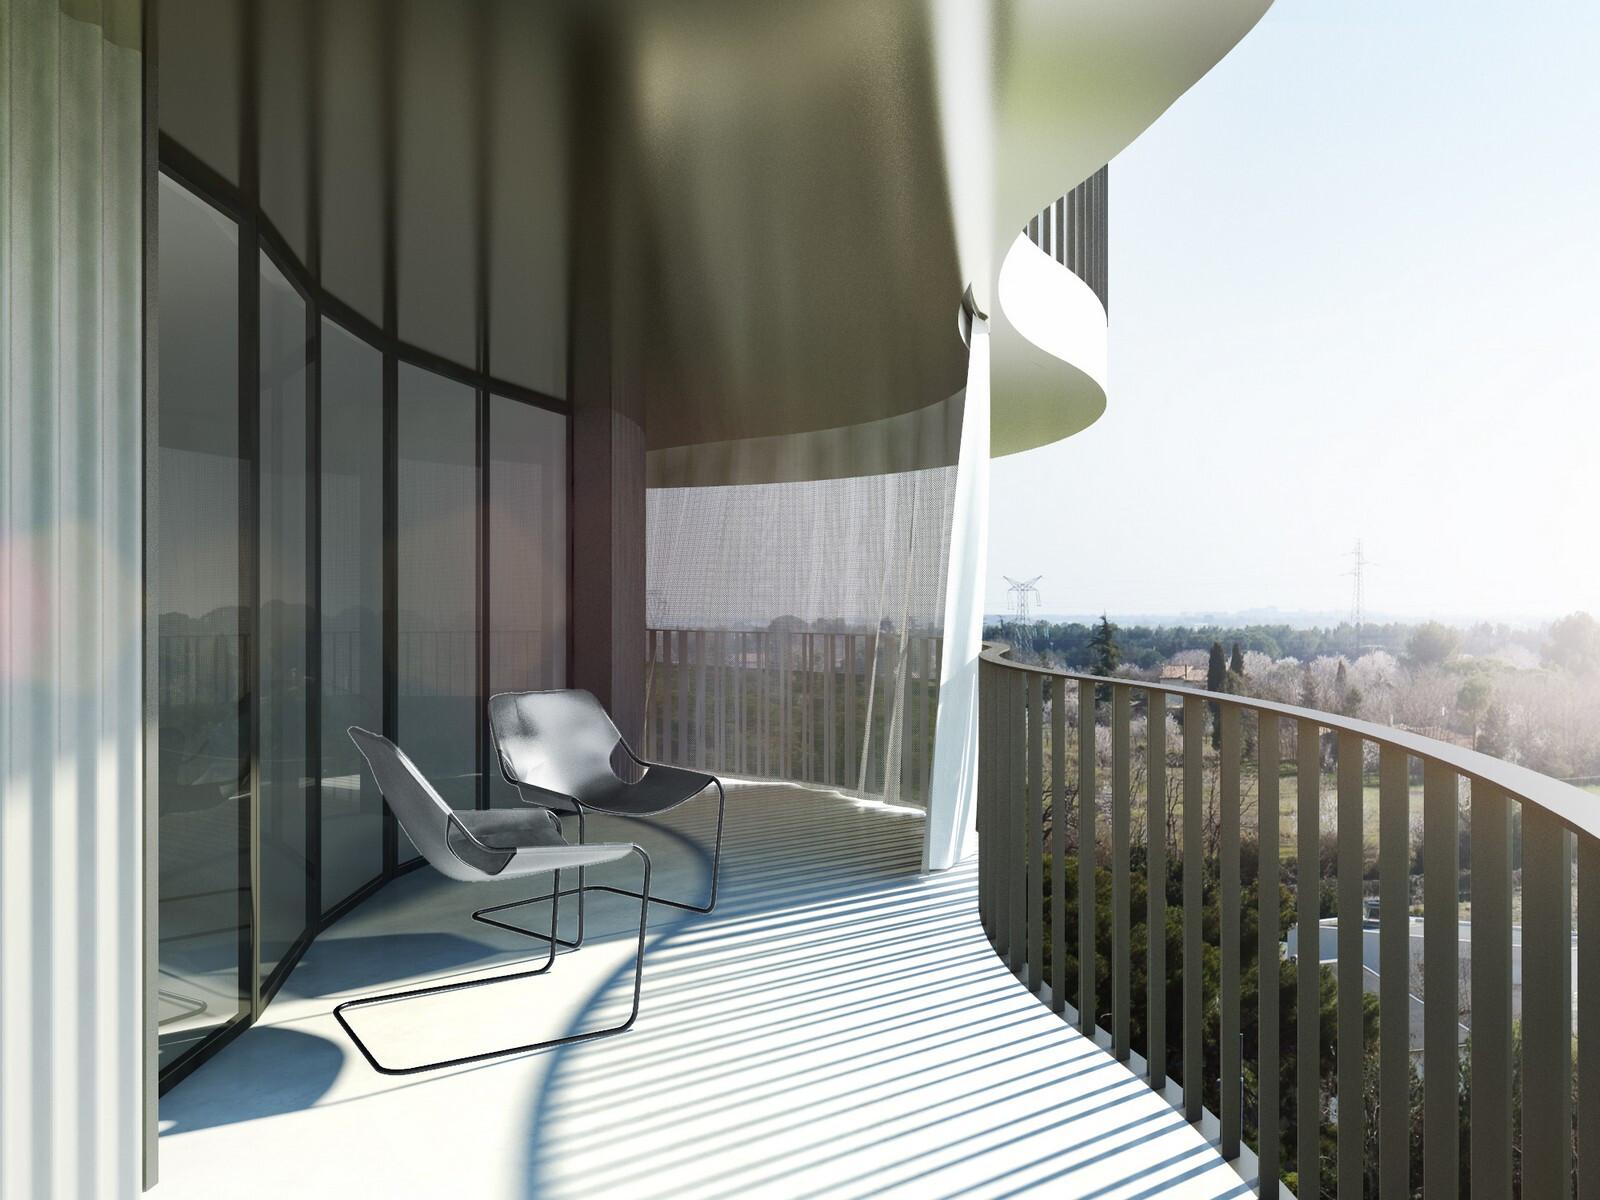 Farshid Moussavi Architecture Wins Jardins De La Lironde